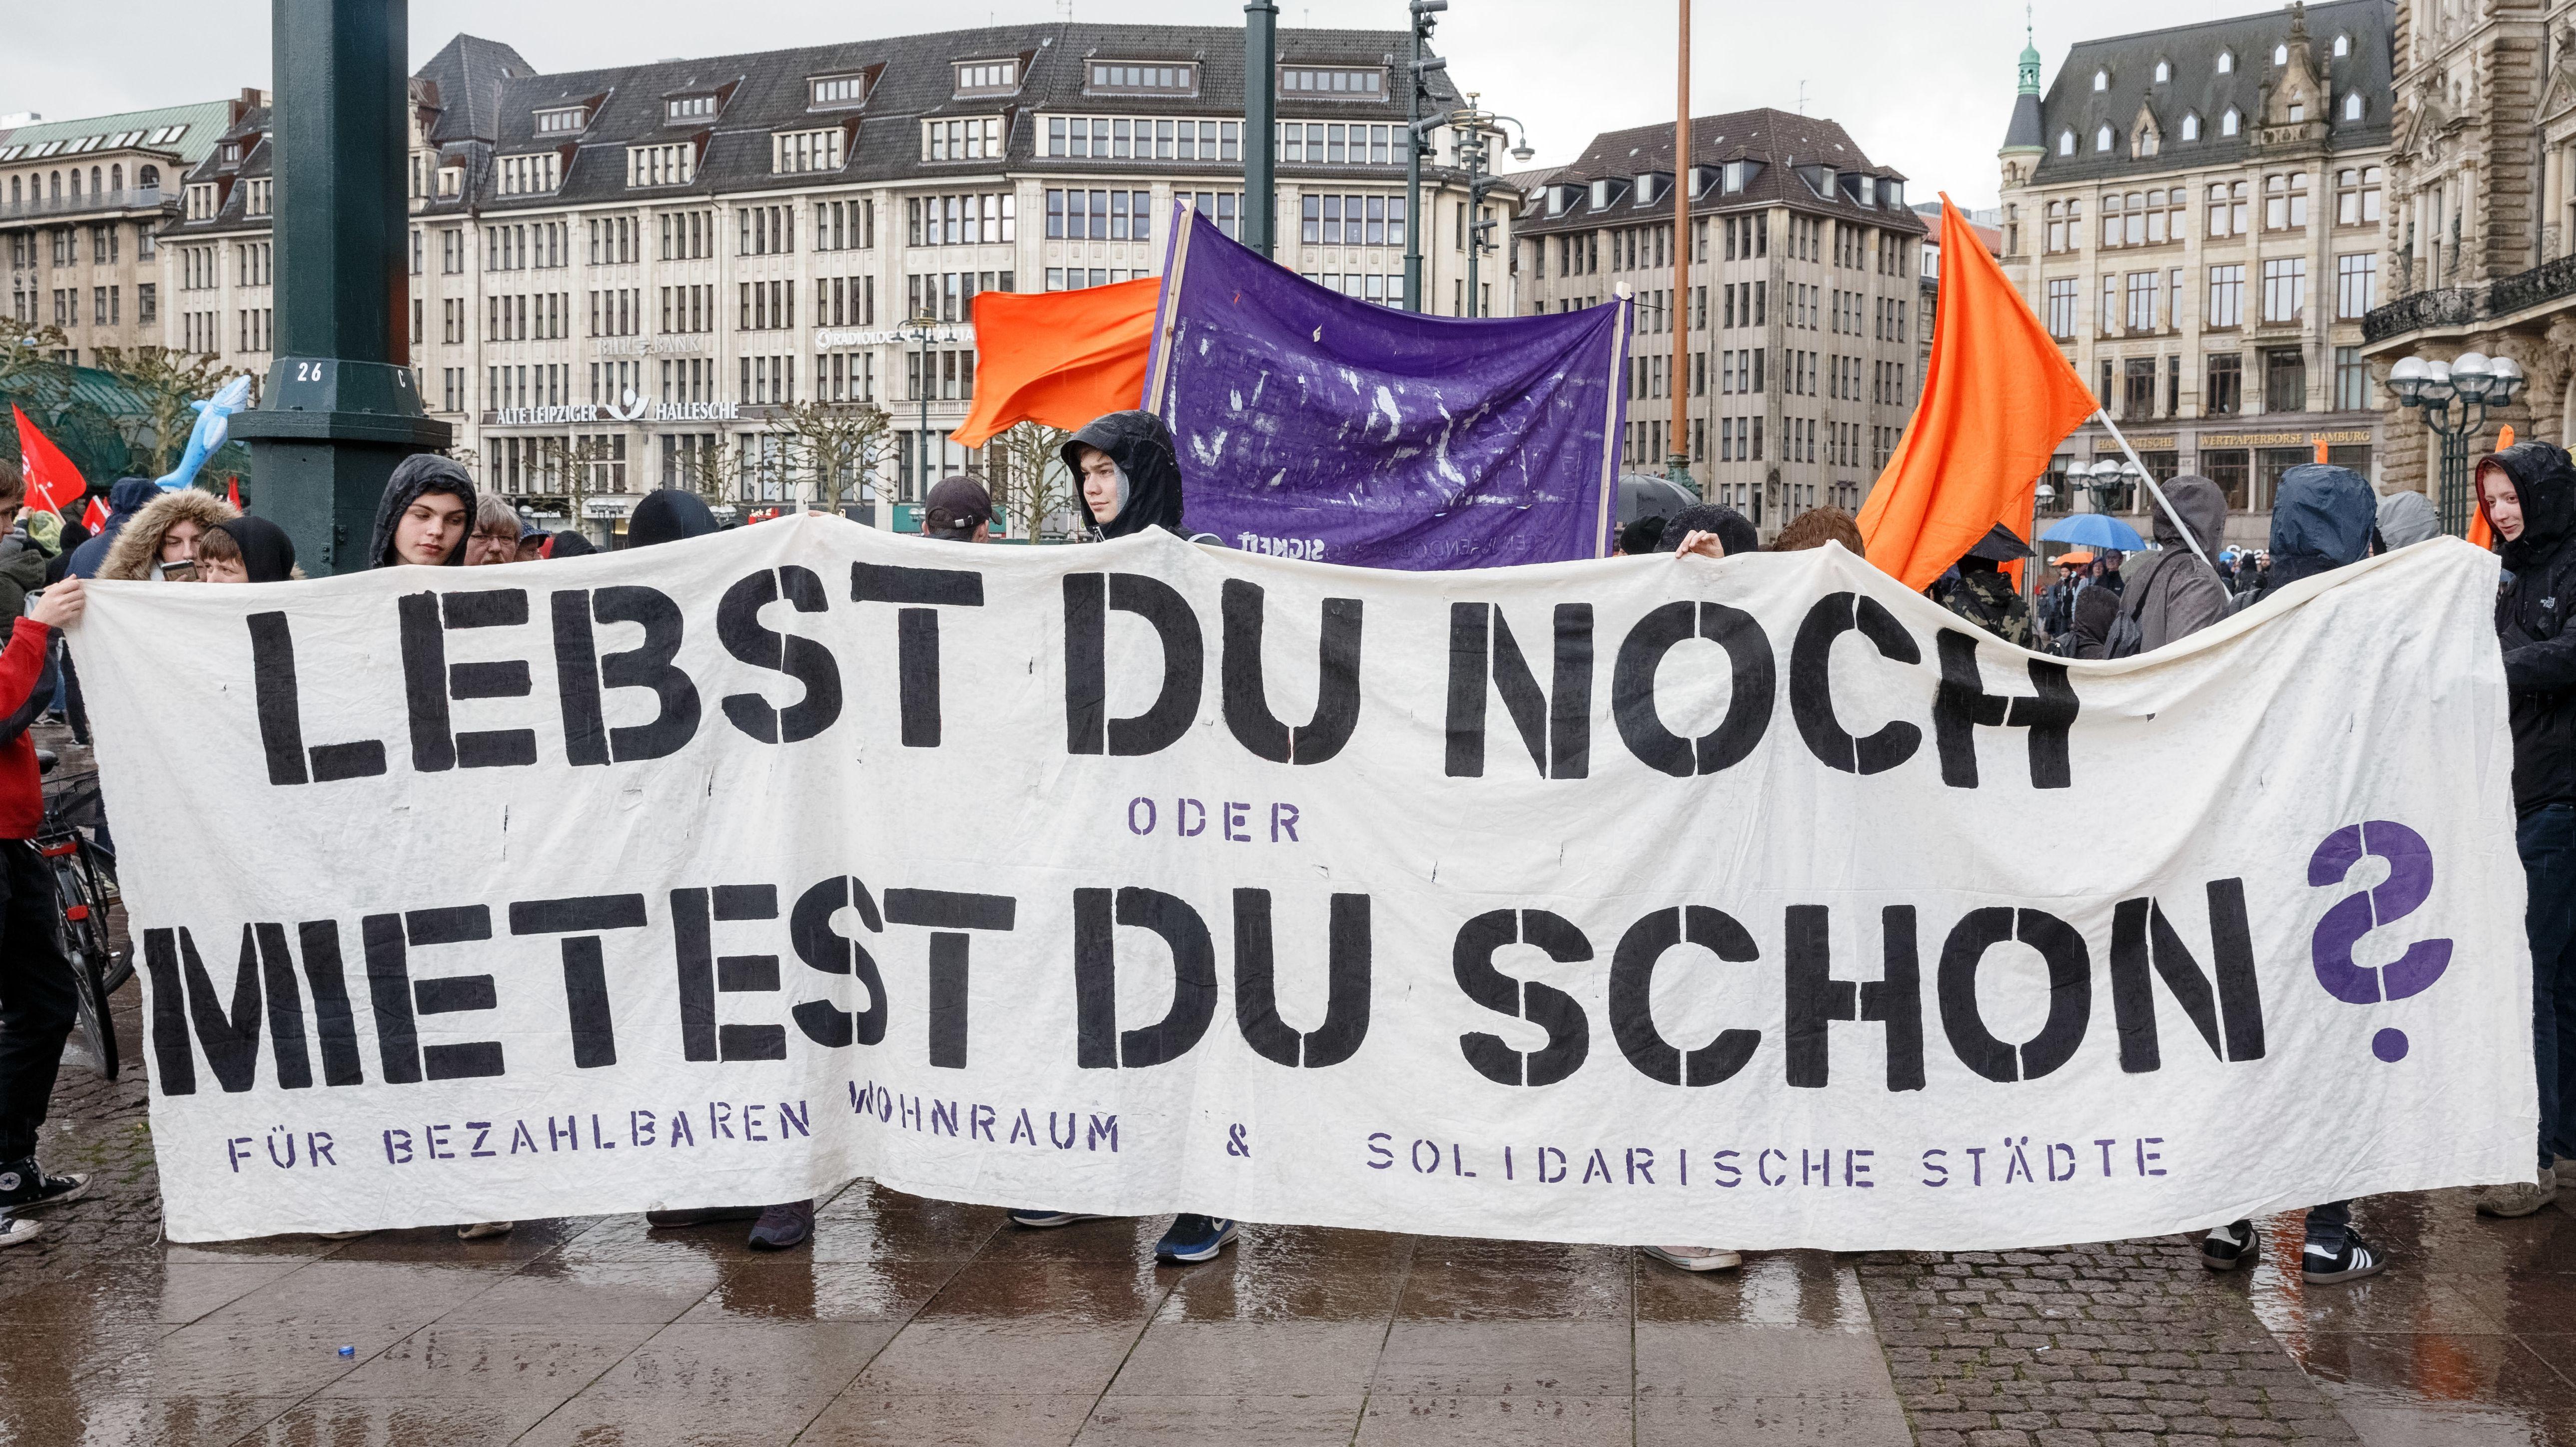 Demonstration in Hamburg am 4.5.19 für bezahlbaren Wohnraum